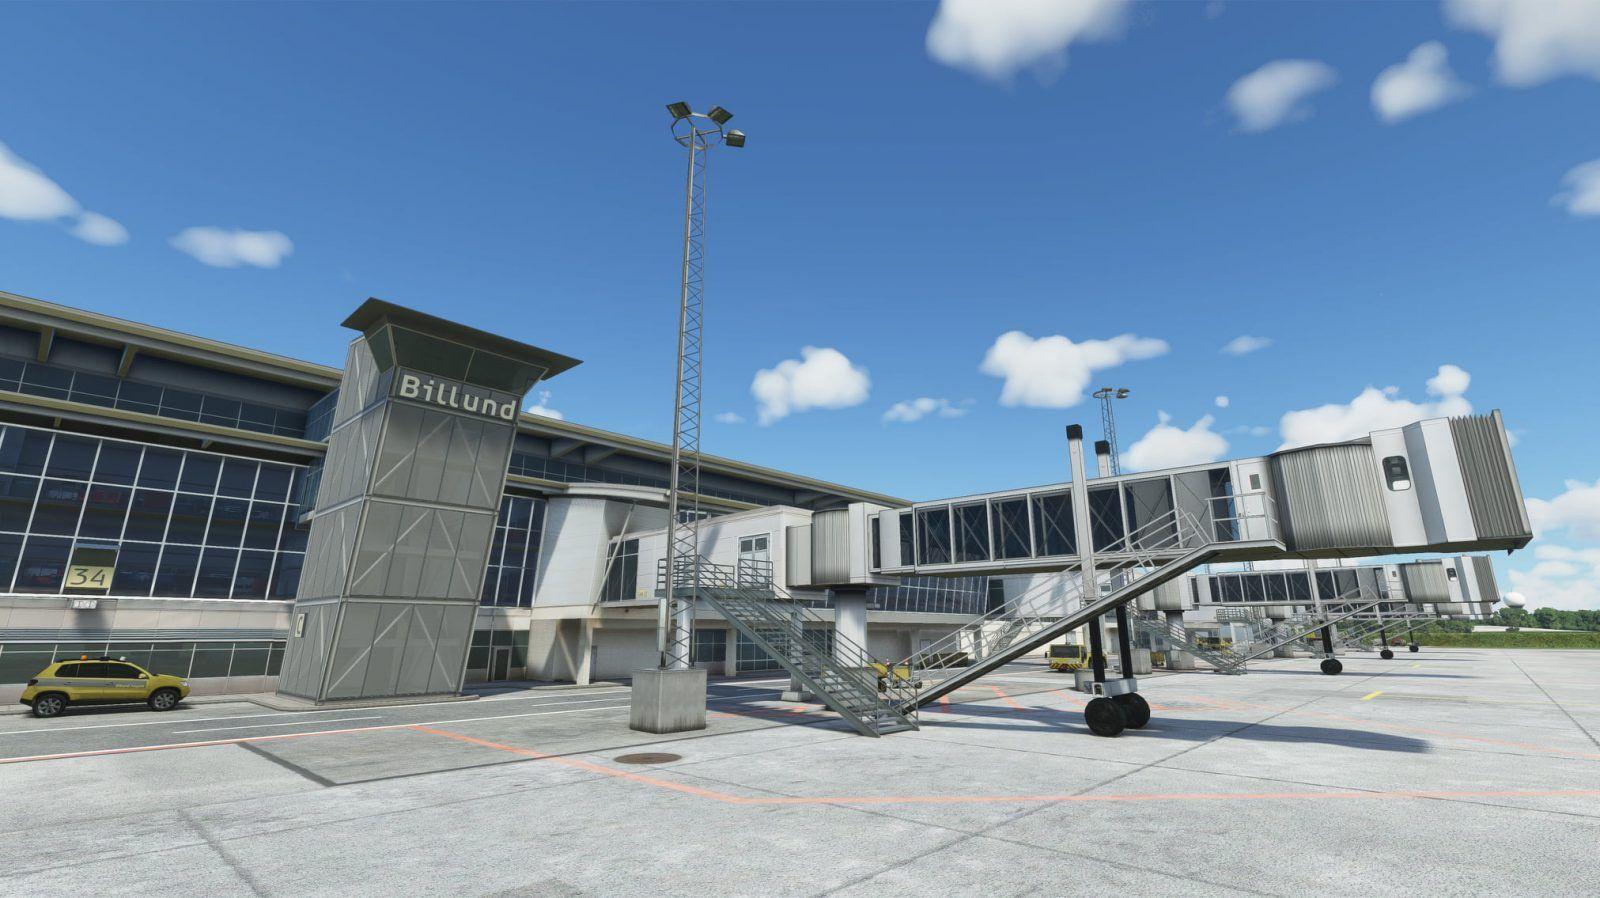 MSFS EKBI Billund Airport